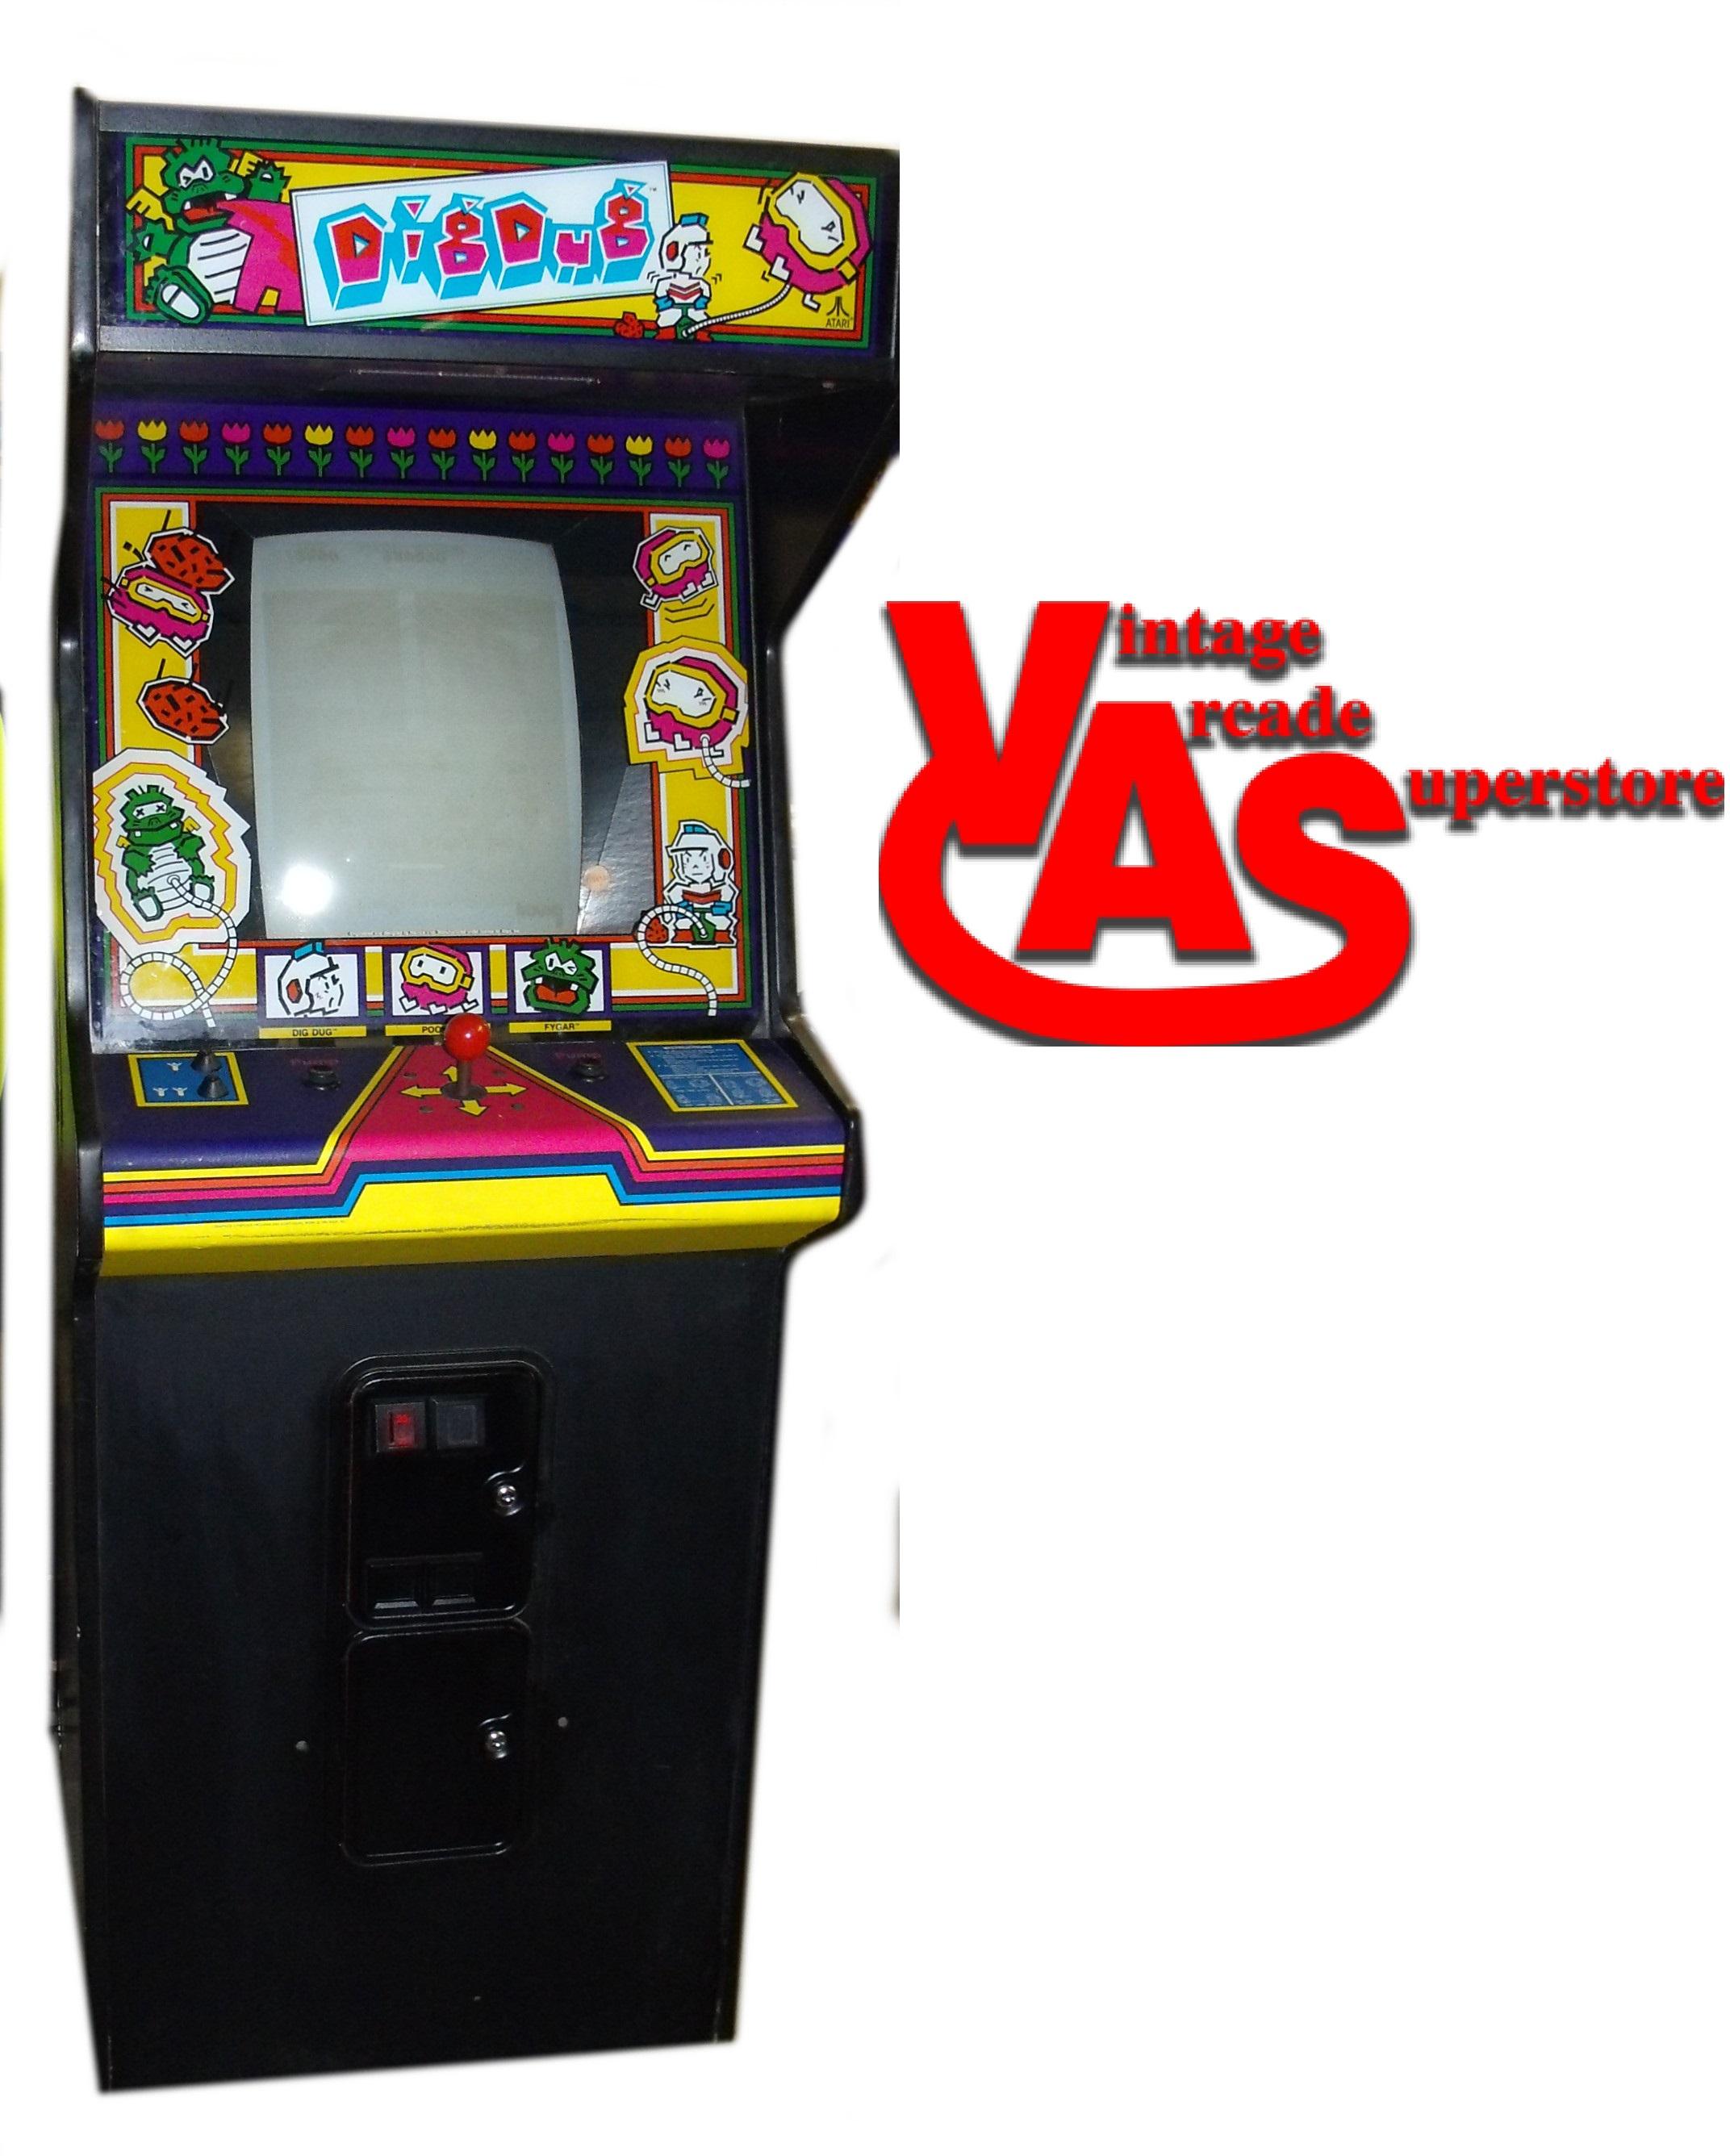 Dig Dug Arcade game for sale- Vintage Arcade Superstore